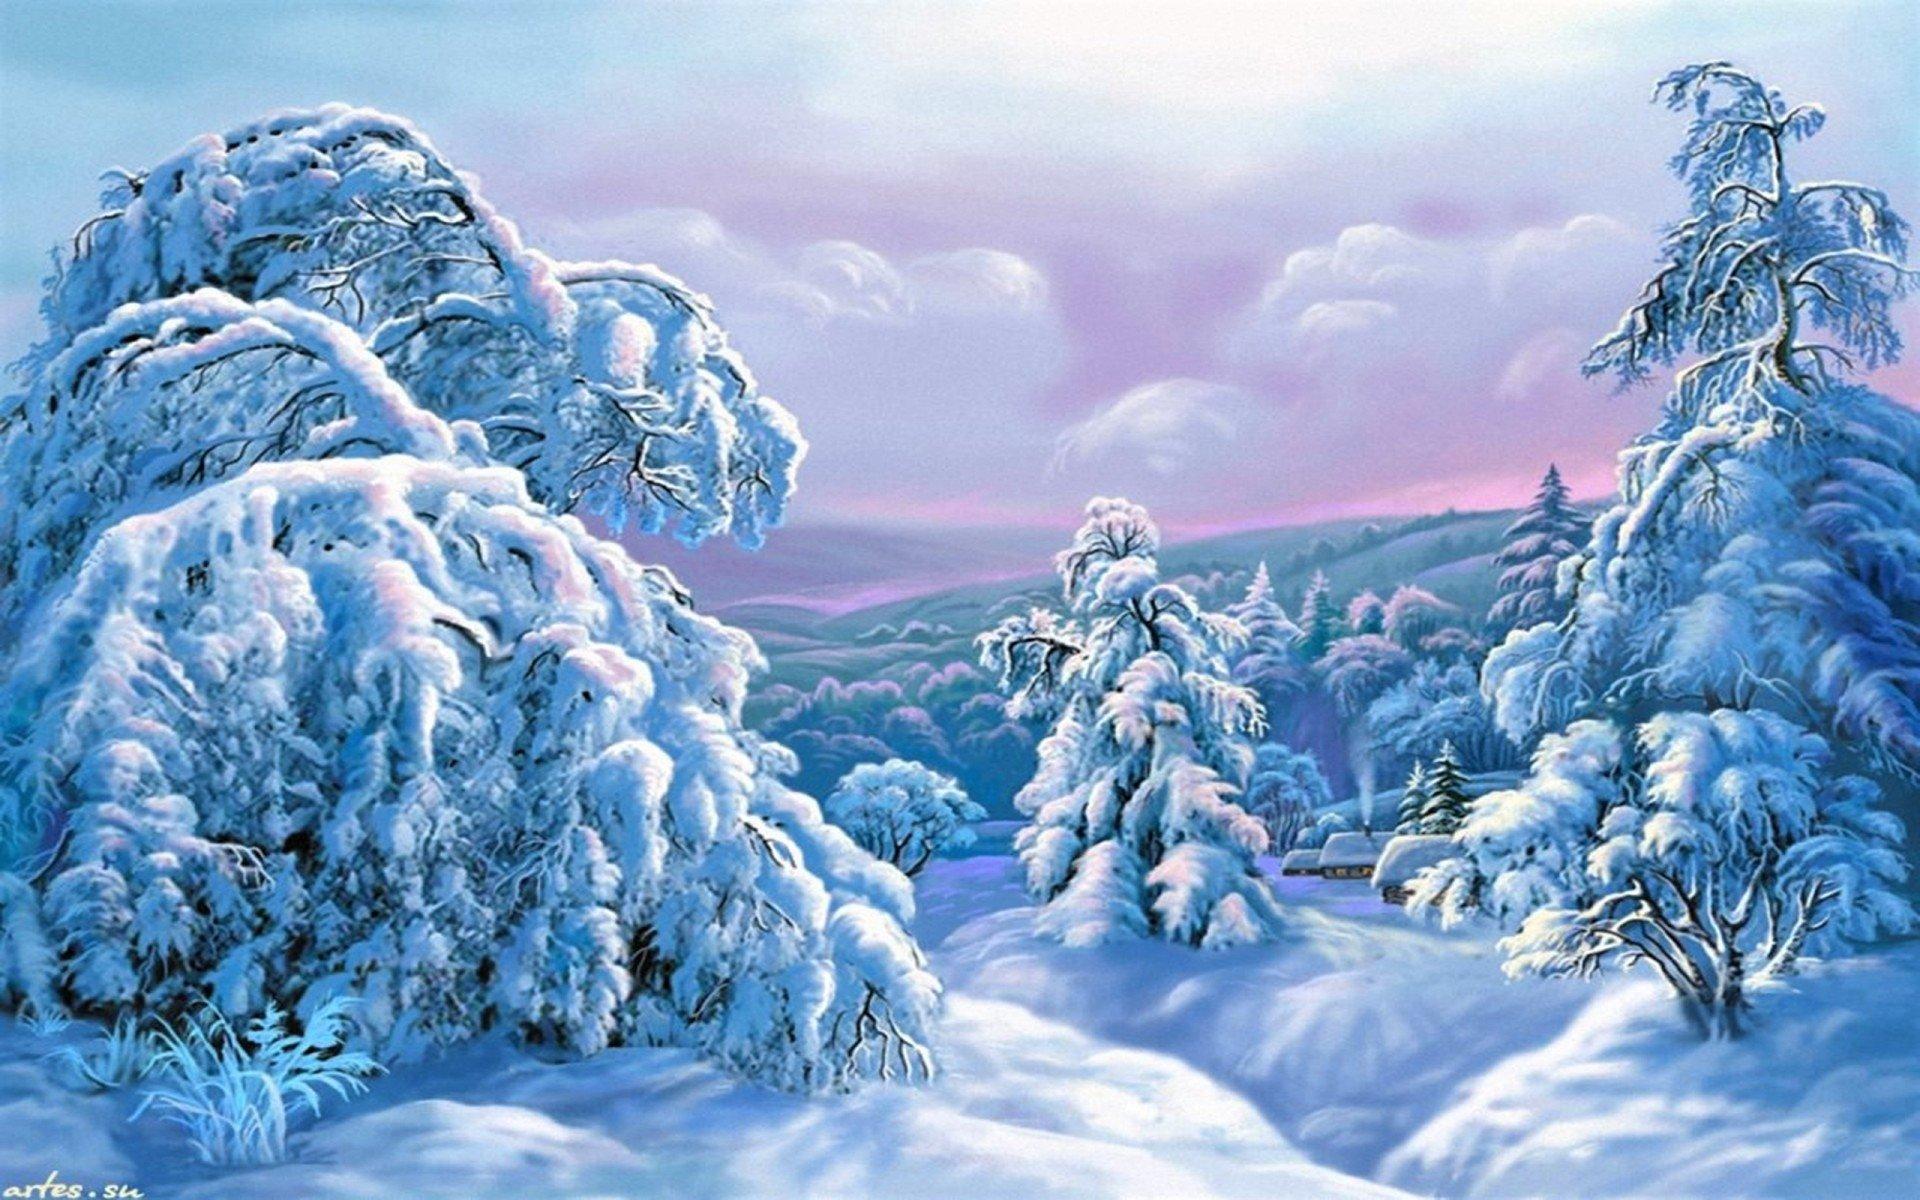 艺术 - 冬季  艺术 绘画 风景 森林 树 Snow 壁纸